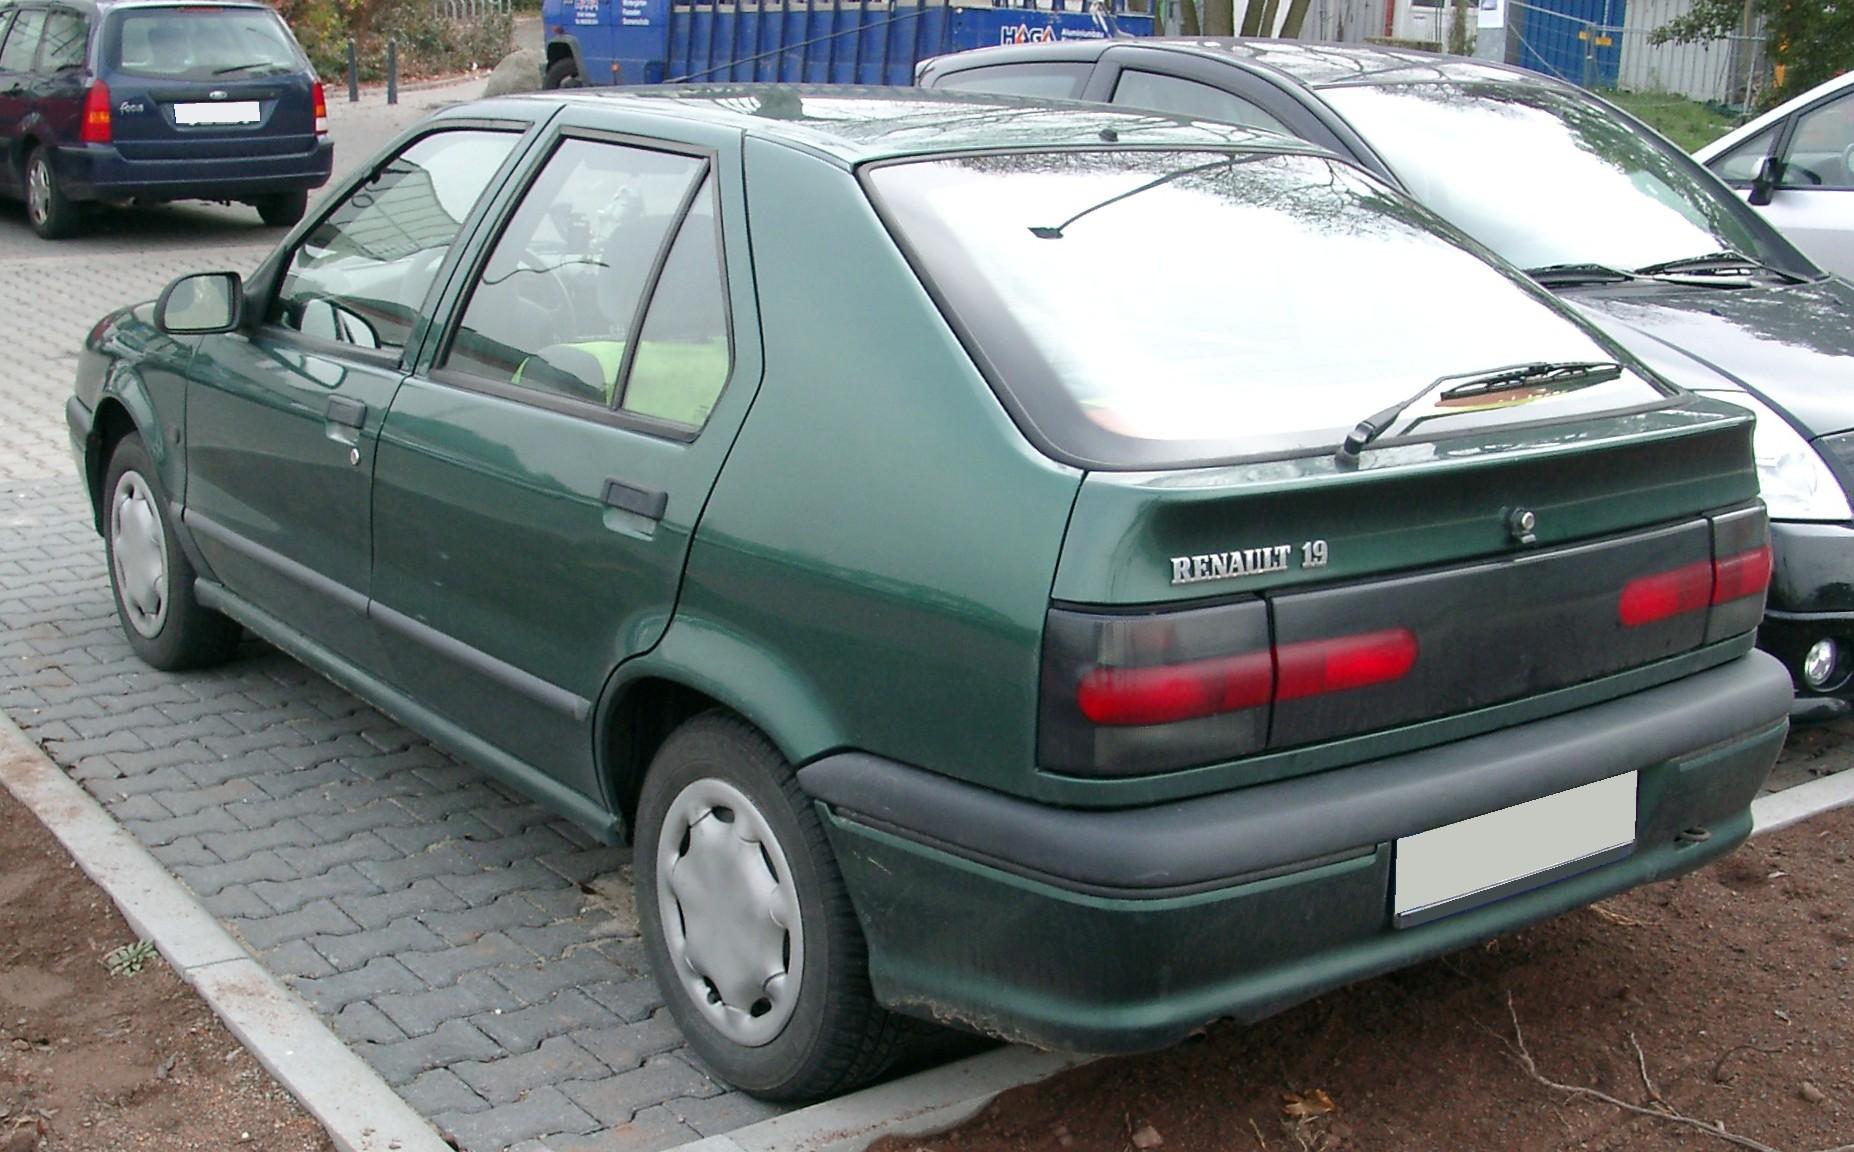 Renault_19_rear_20071031.jpg